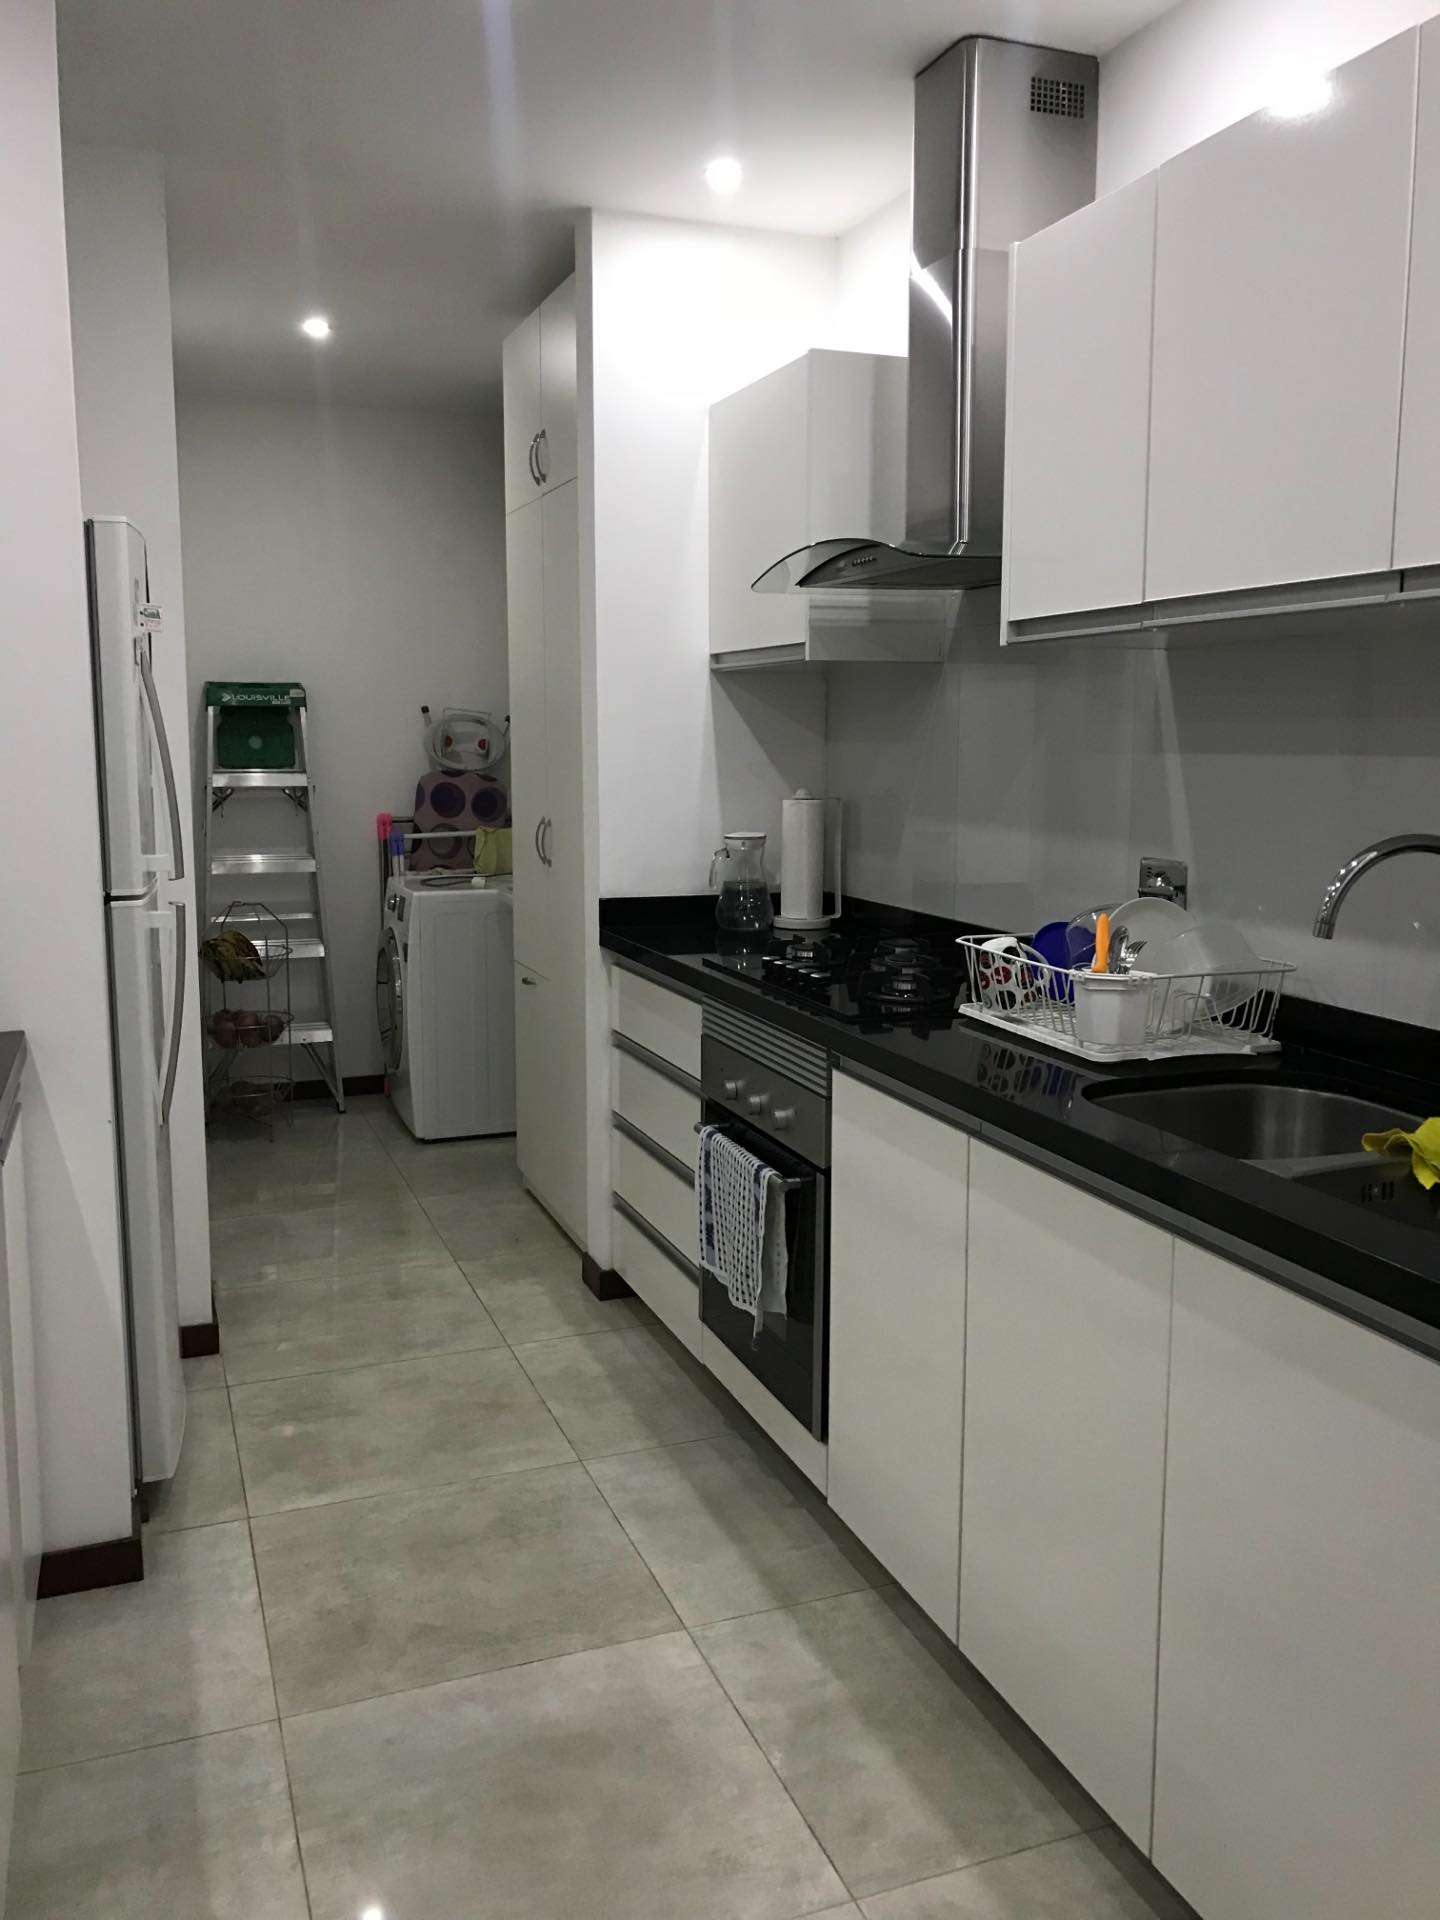 Departamento en Alquiler En exclusivo condominio zona Barrio Las Palmas  Foto 12